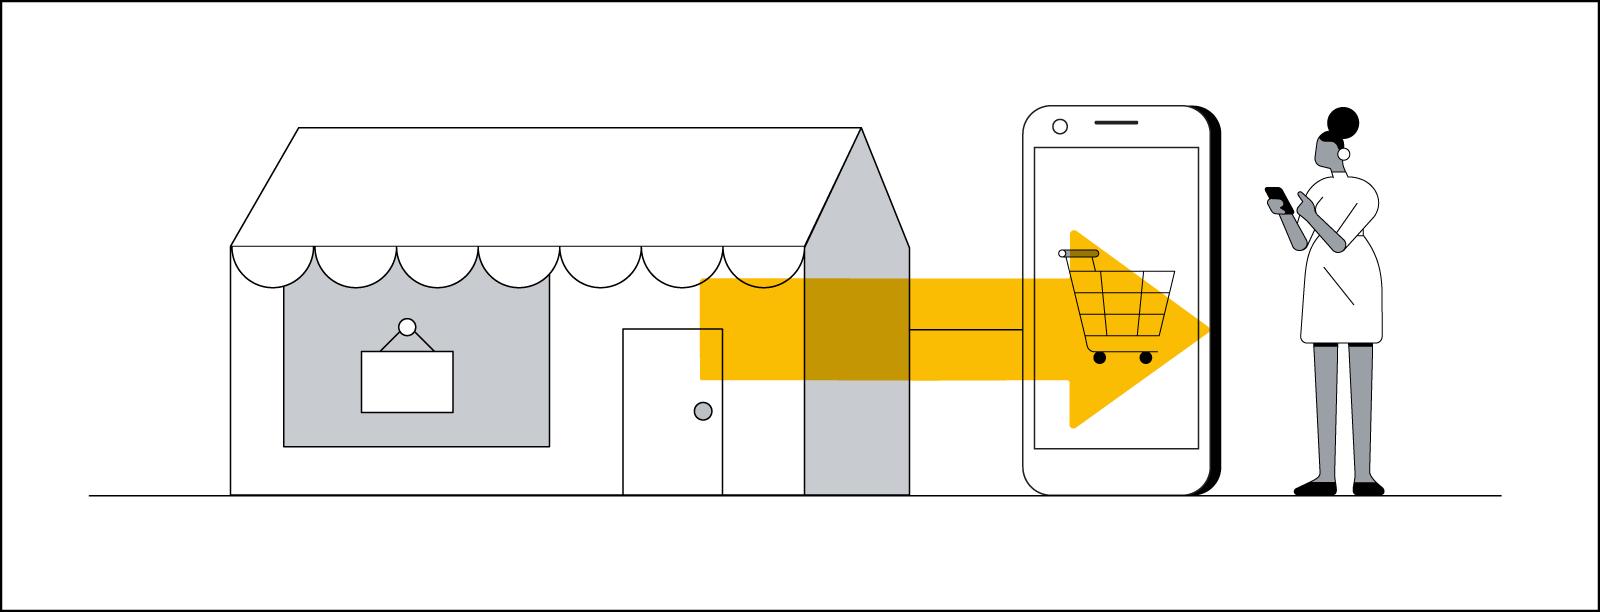 Схематичный рисунок, иллюстрирующий переход от обычных покупок к цифровым. Темнокожая женщина использует мобильный телефон. Слева от нее зеленая стрелка указывает направление от обычного магазина к большой корзине покупок на сайте.